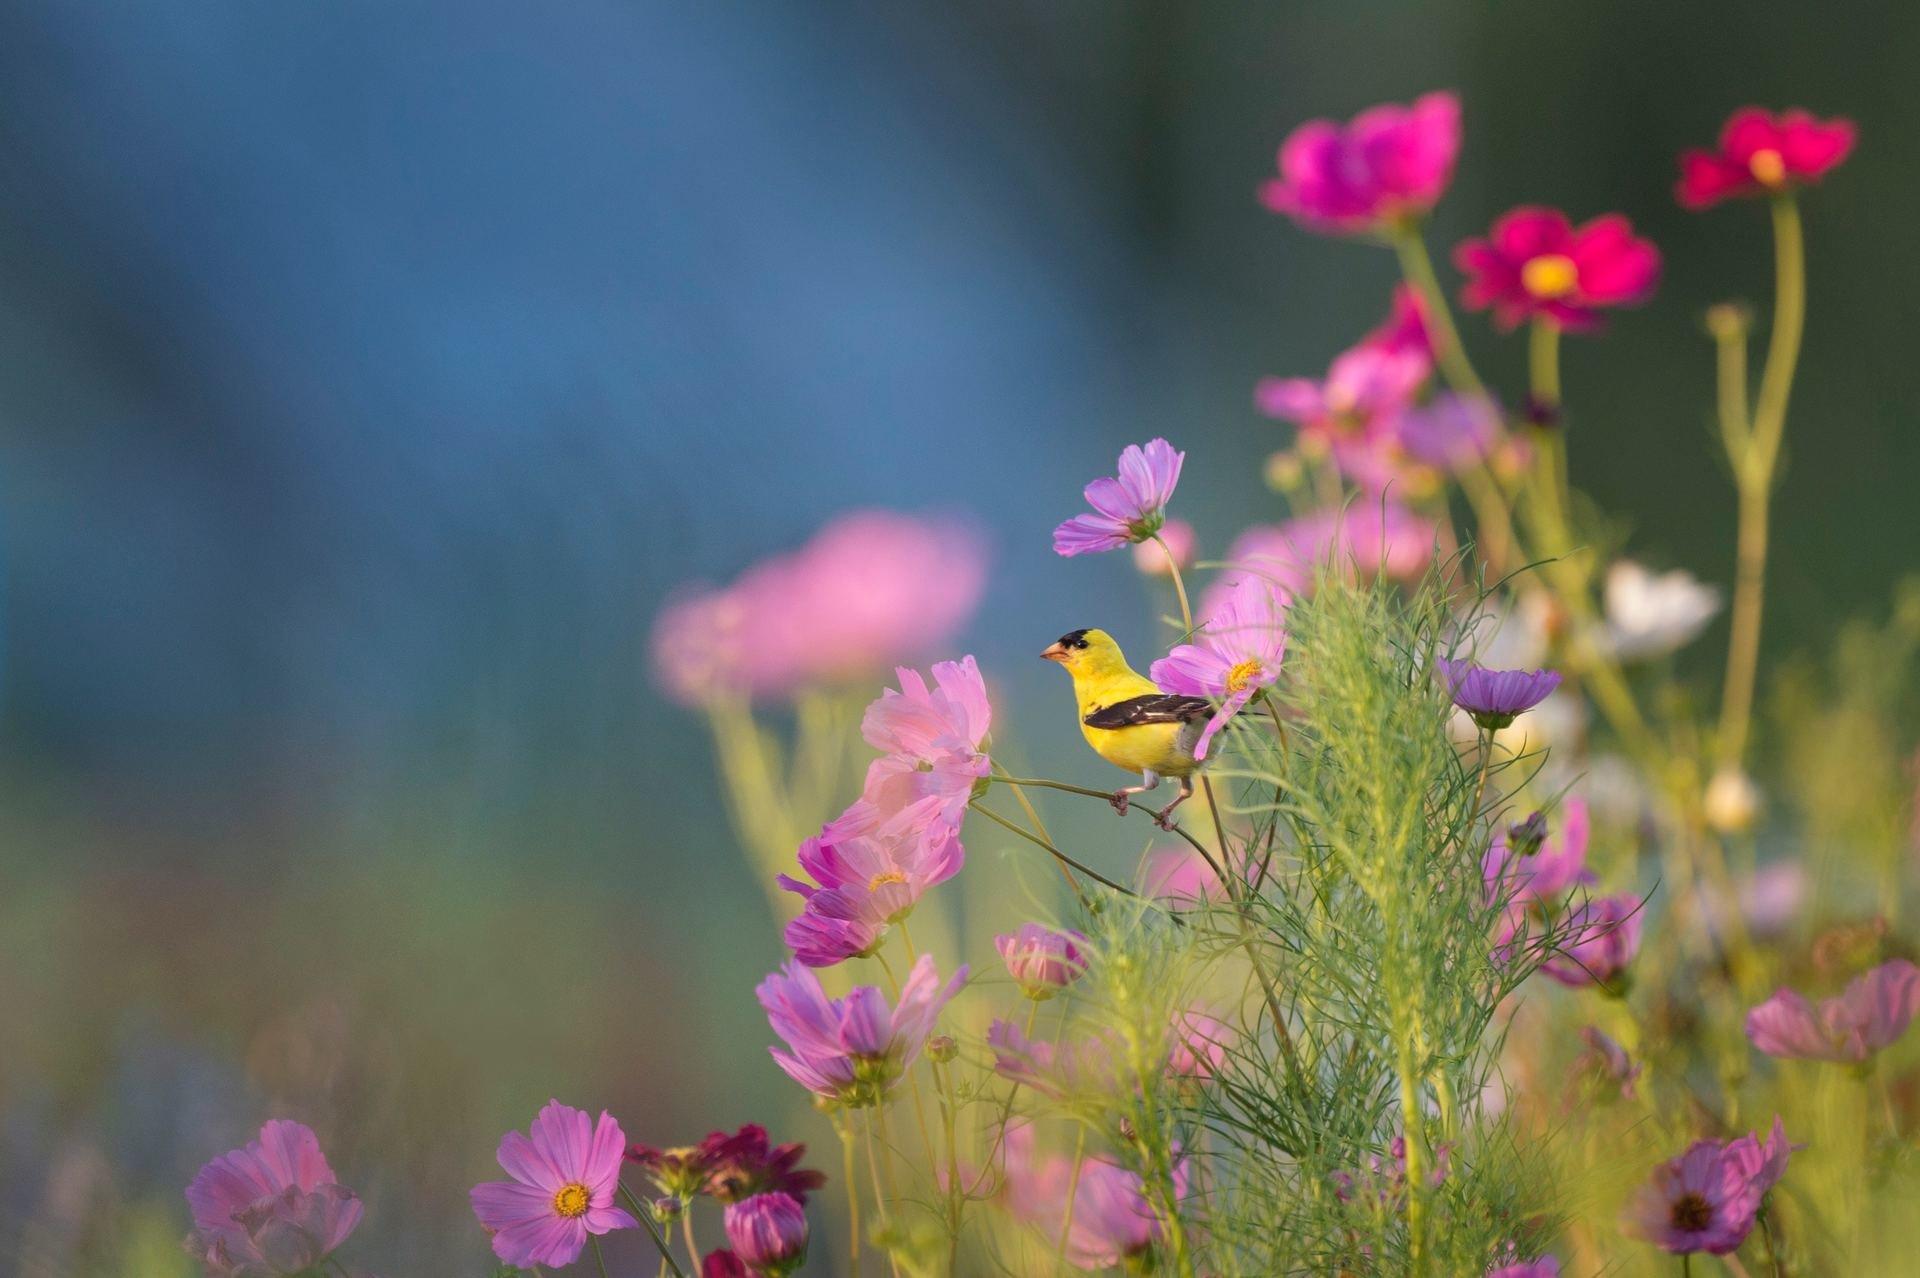 Allergie e mal di stagione: cinque regole per sopravvivere all'arrivo della primavera